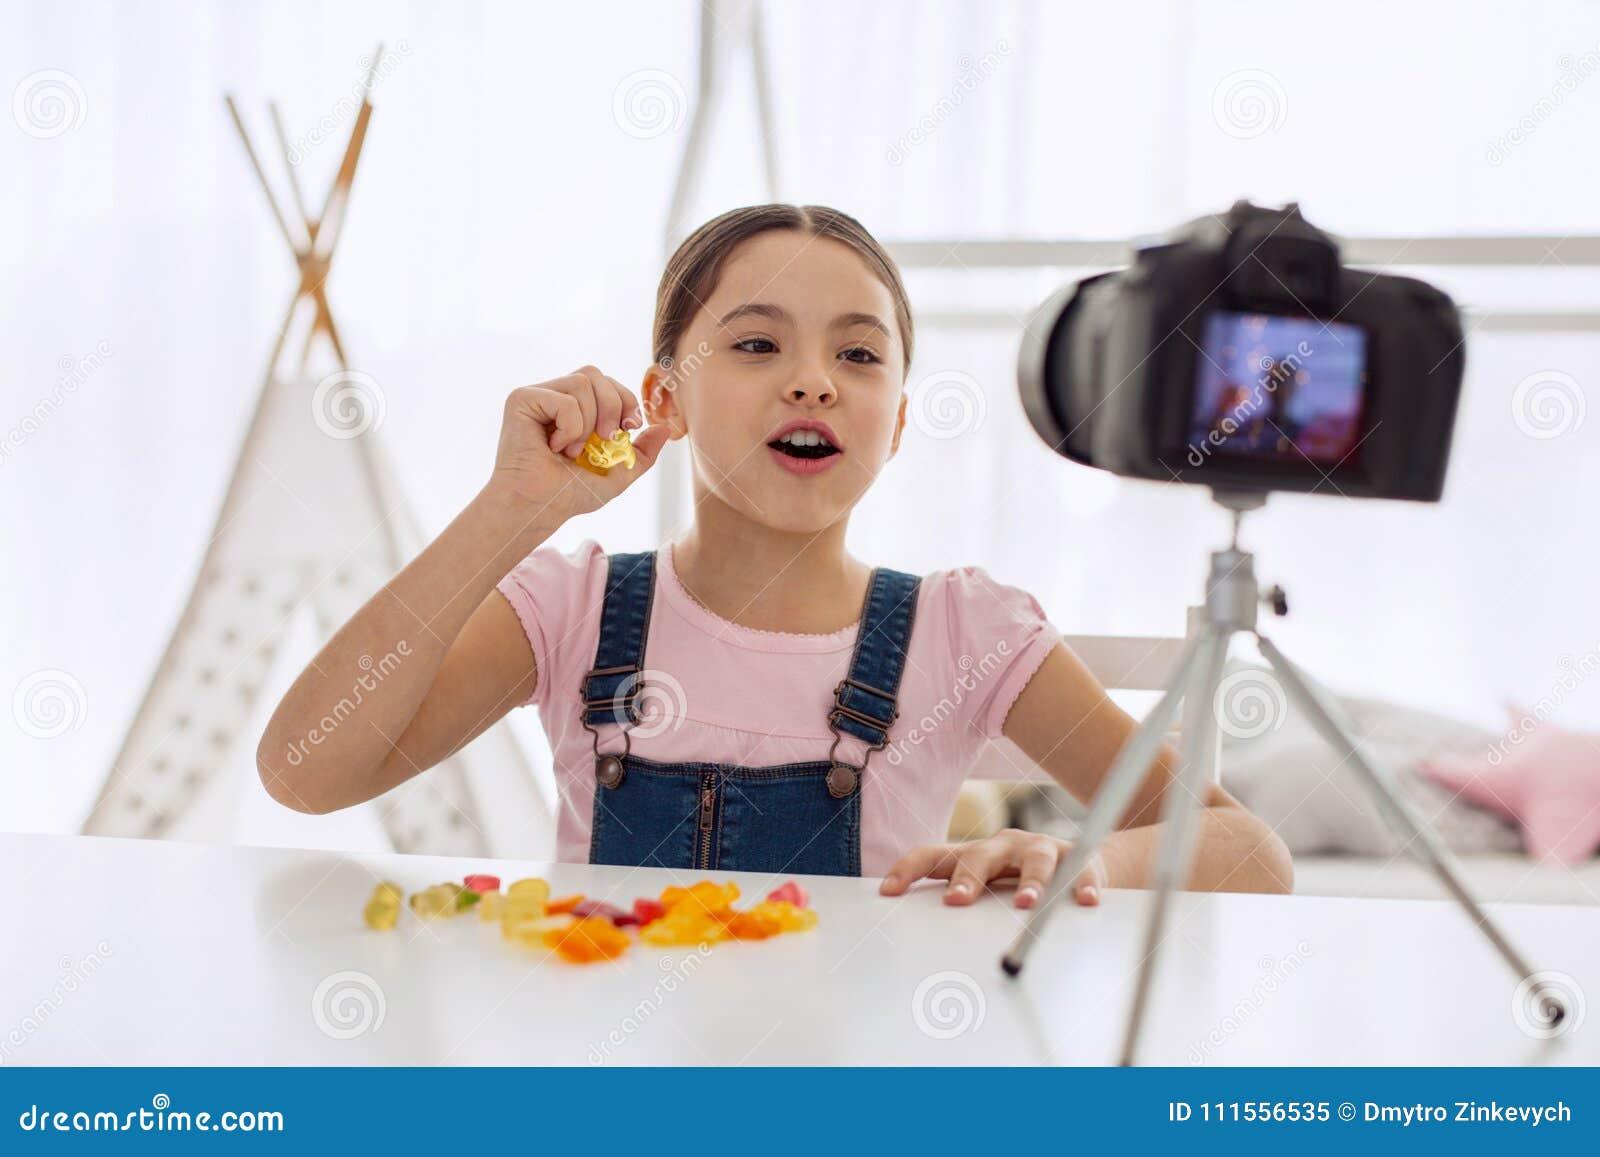 Ragazza ottimistica che parla del gusto delle caramelle gommose nel vlog